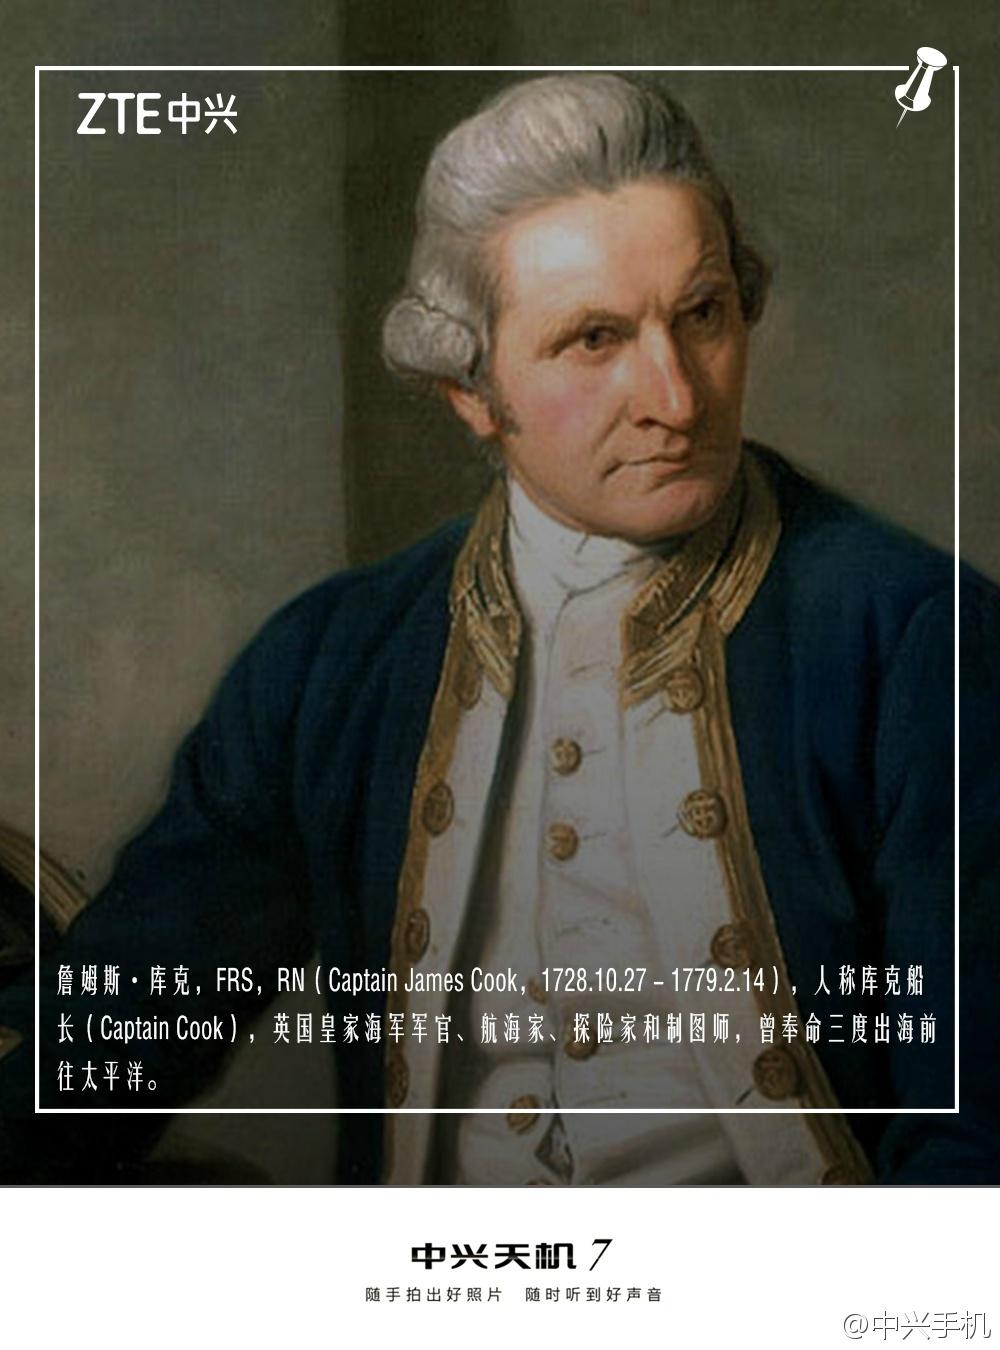 詹姆斯·库克,英国皇家海军军官、航海家、探险家和制图师,人称库克船长